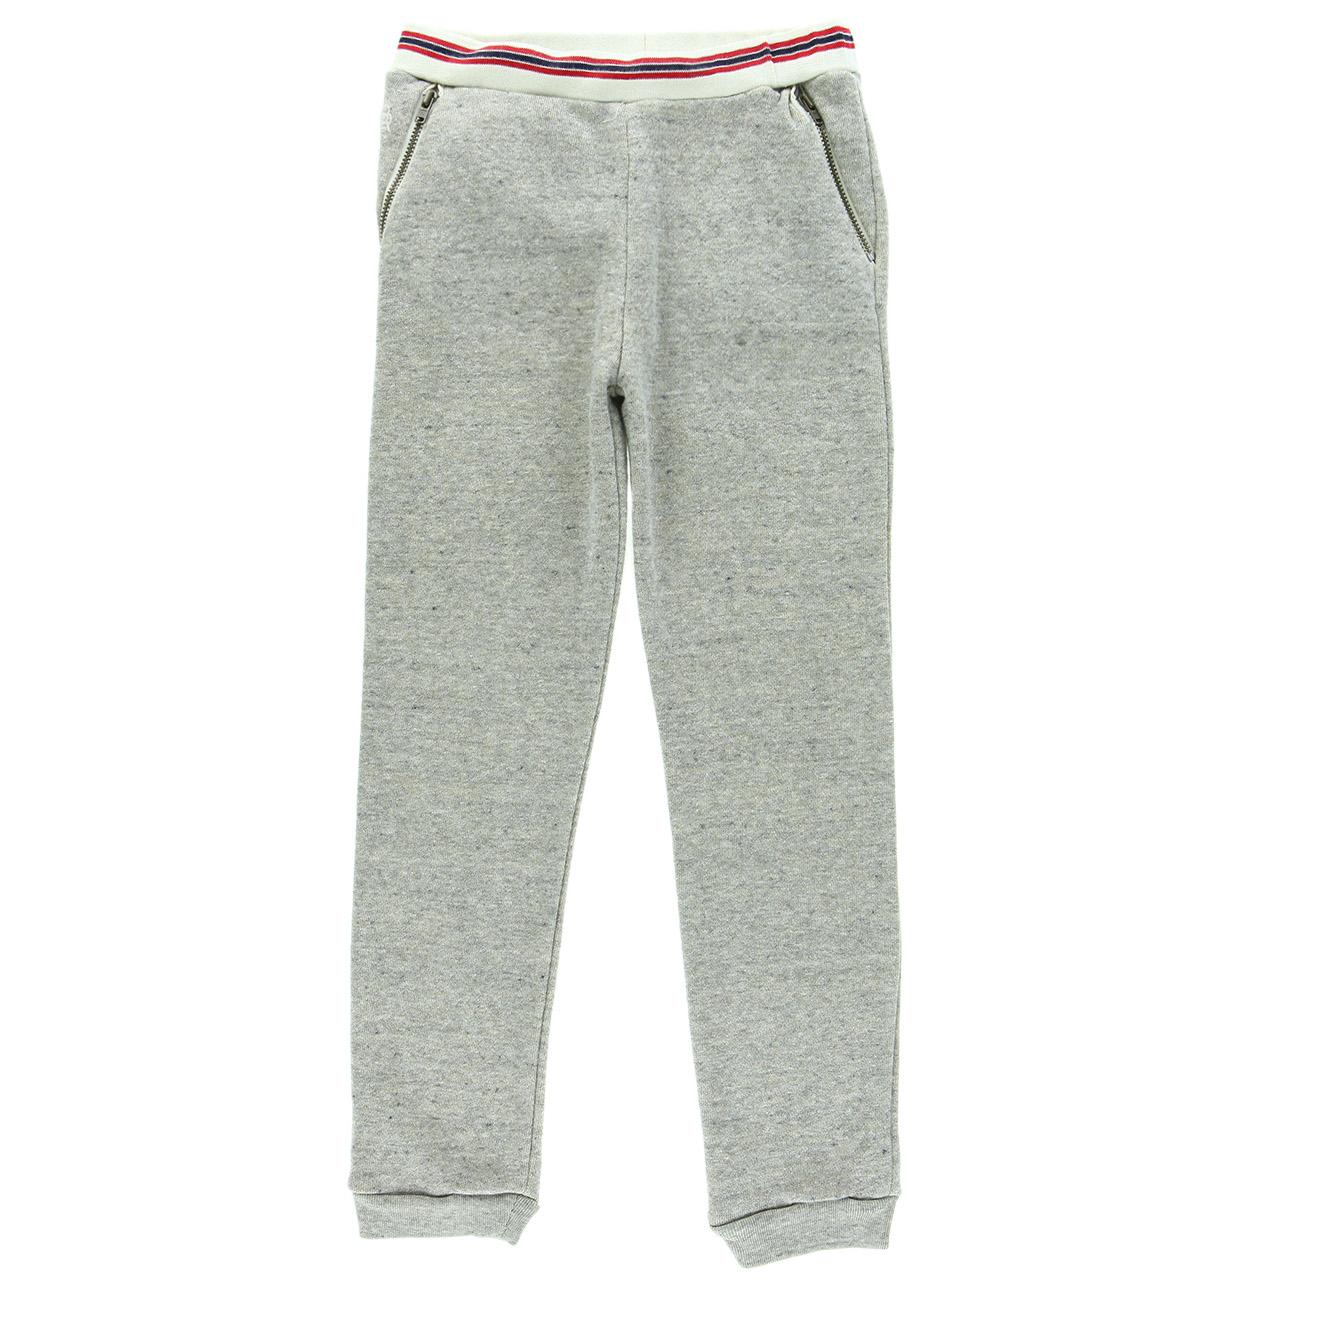 Pantalon Mori en coton gris